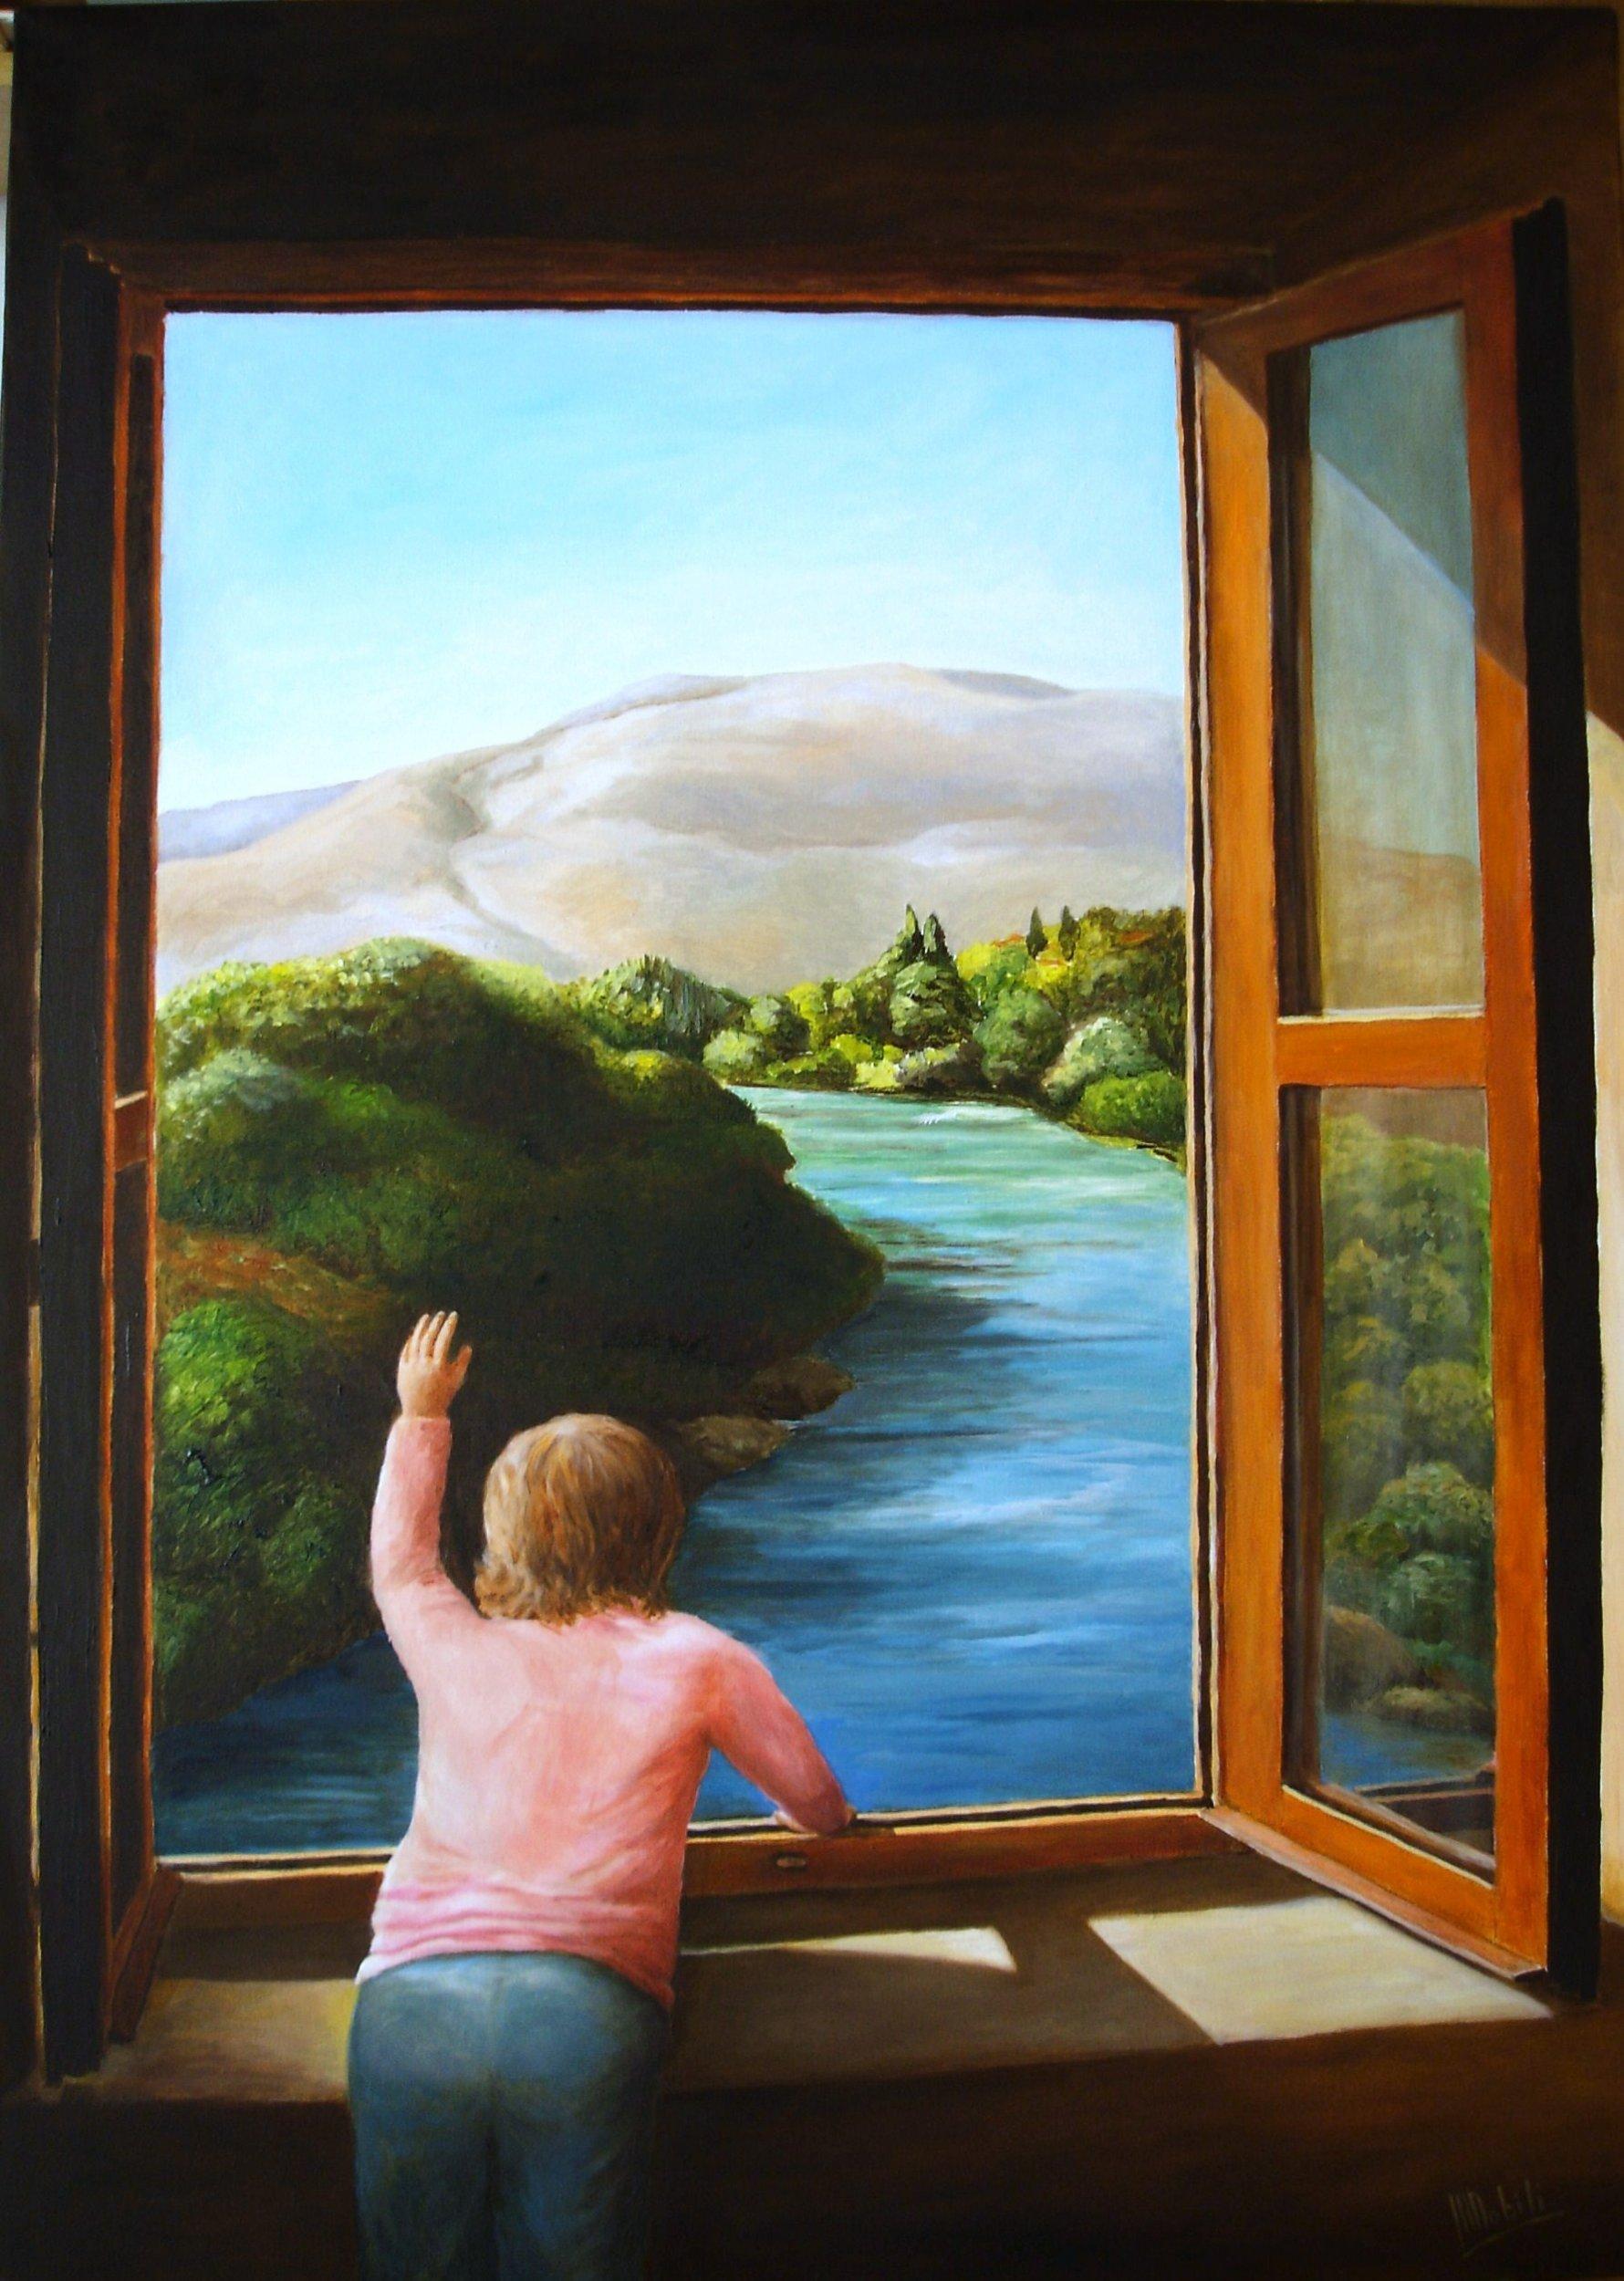 La finestra sul fiume maria nobili premio celeste 2010 opera celeste network - La finestra sul mondo ...